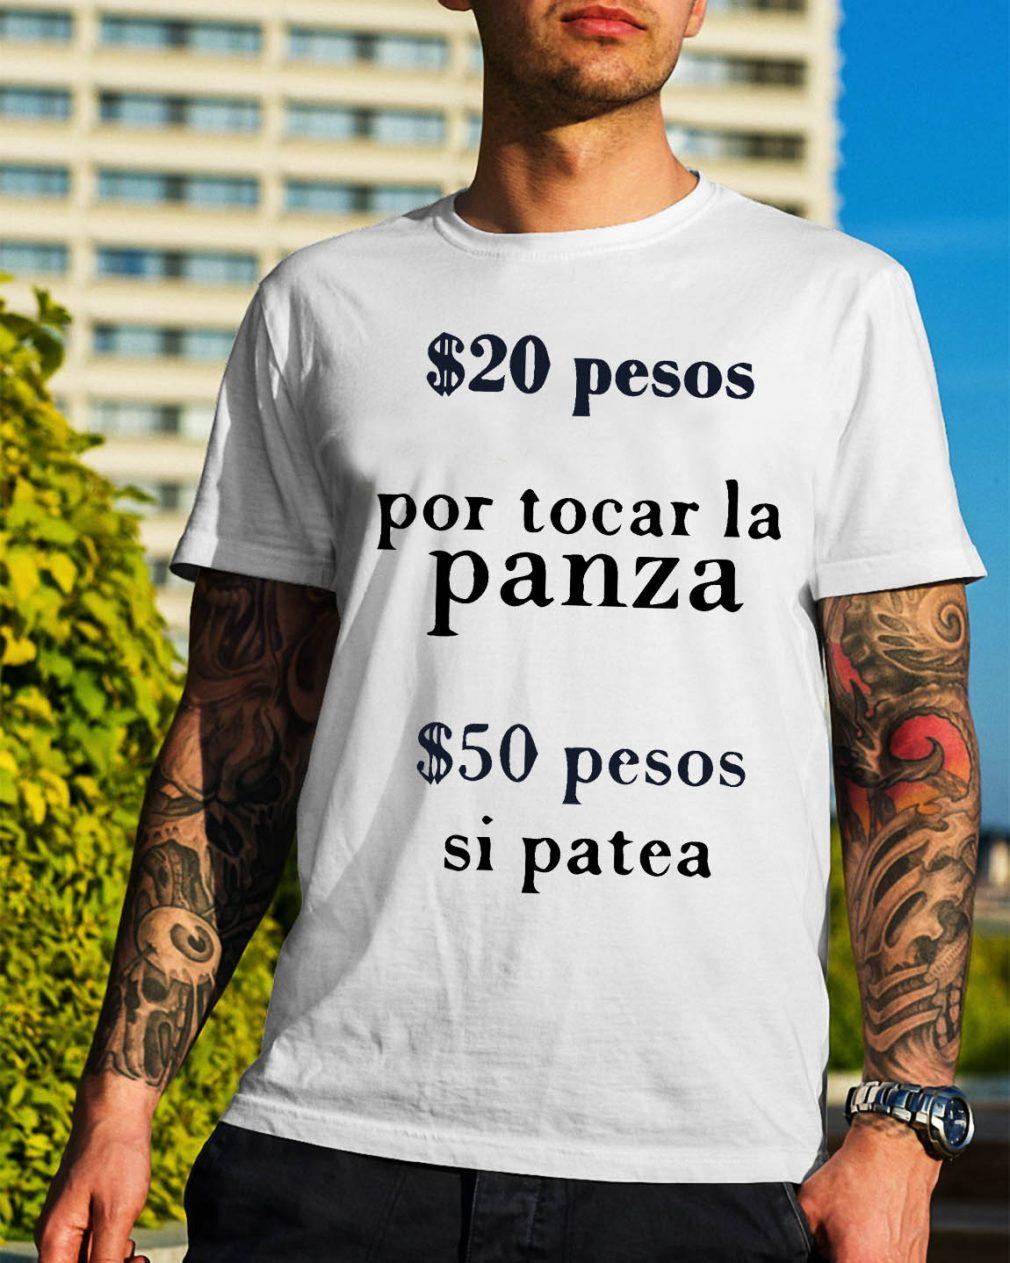 $20 pesos por tocar la panza $50 pesos si patea shirt